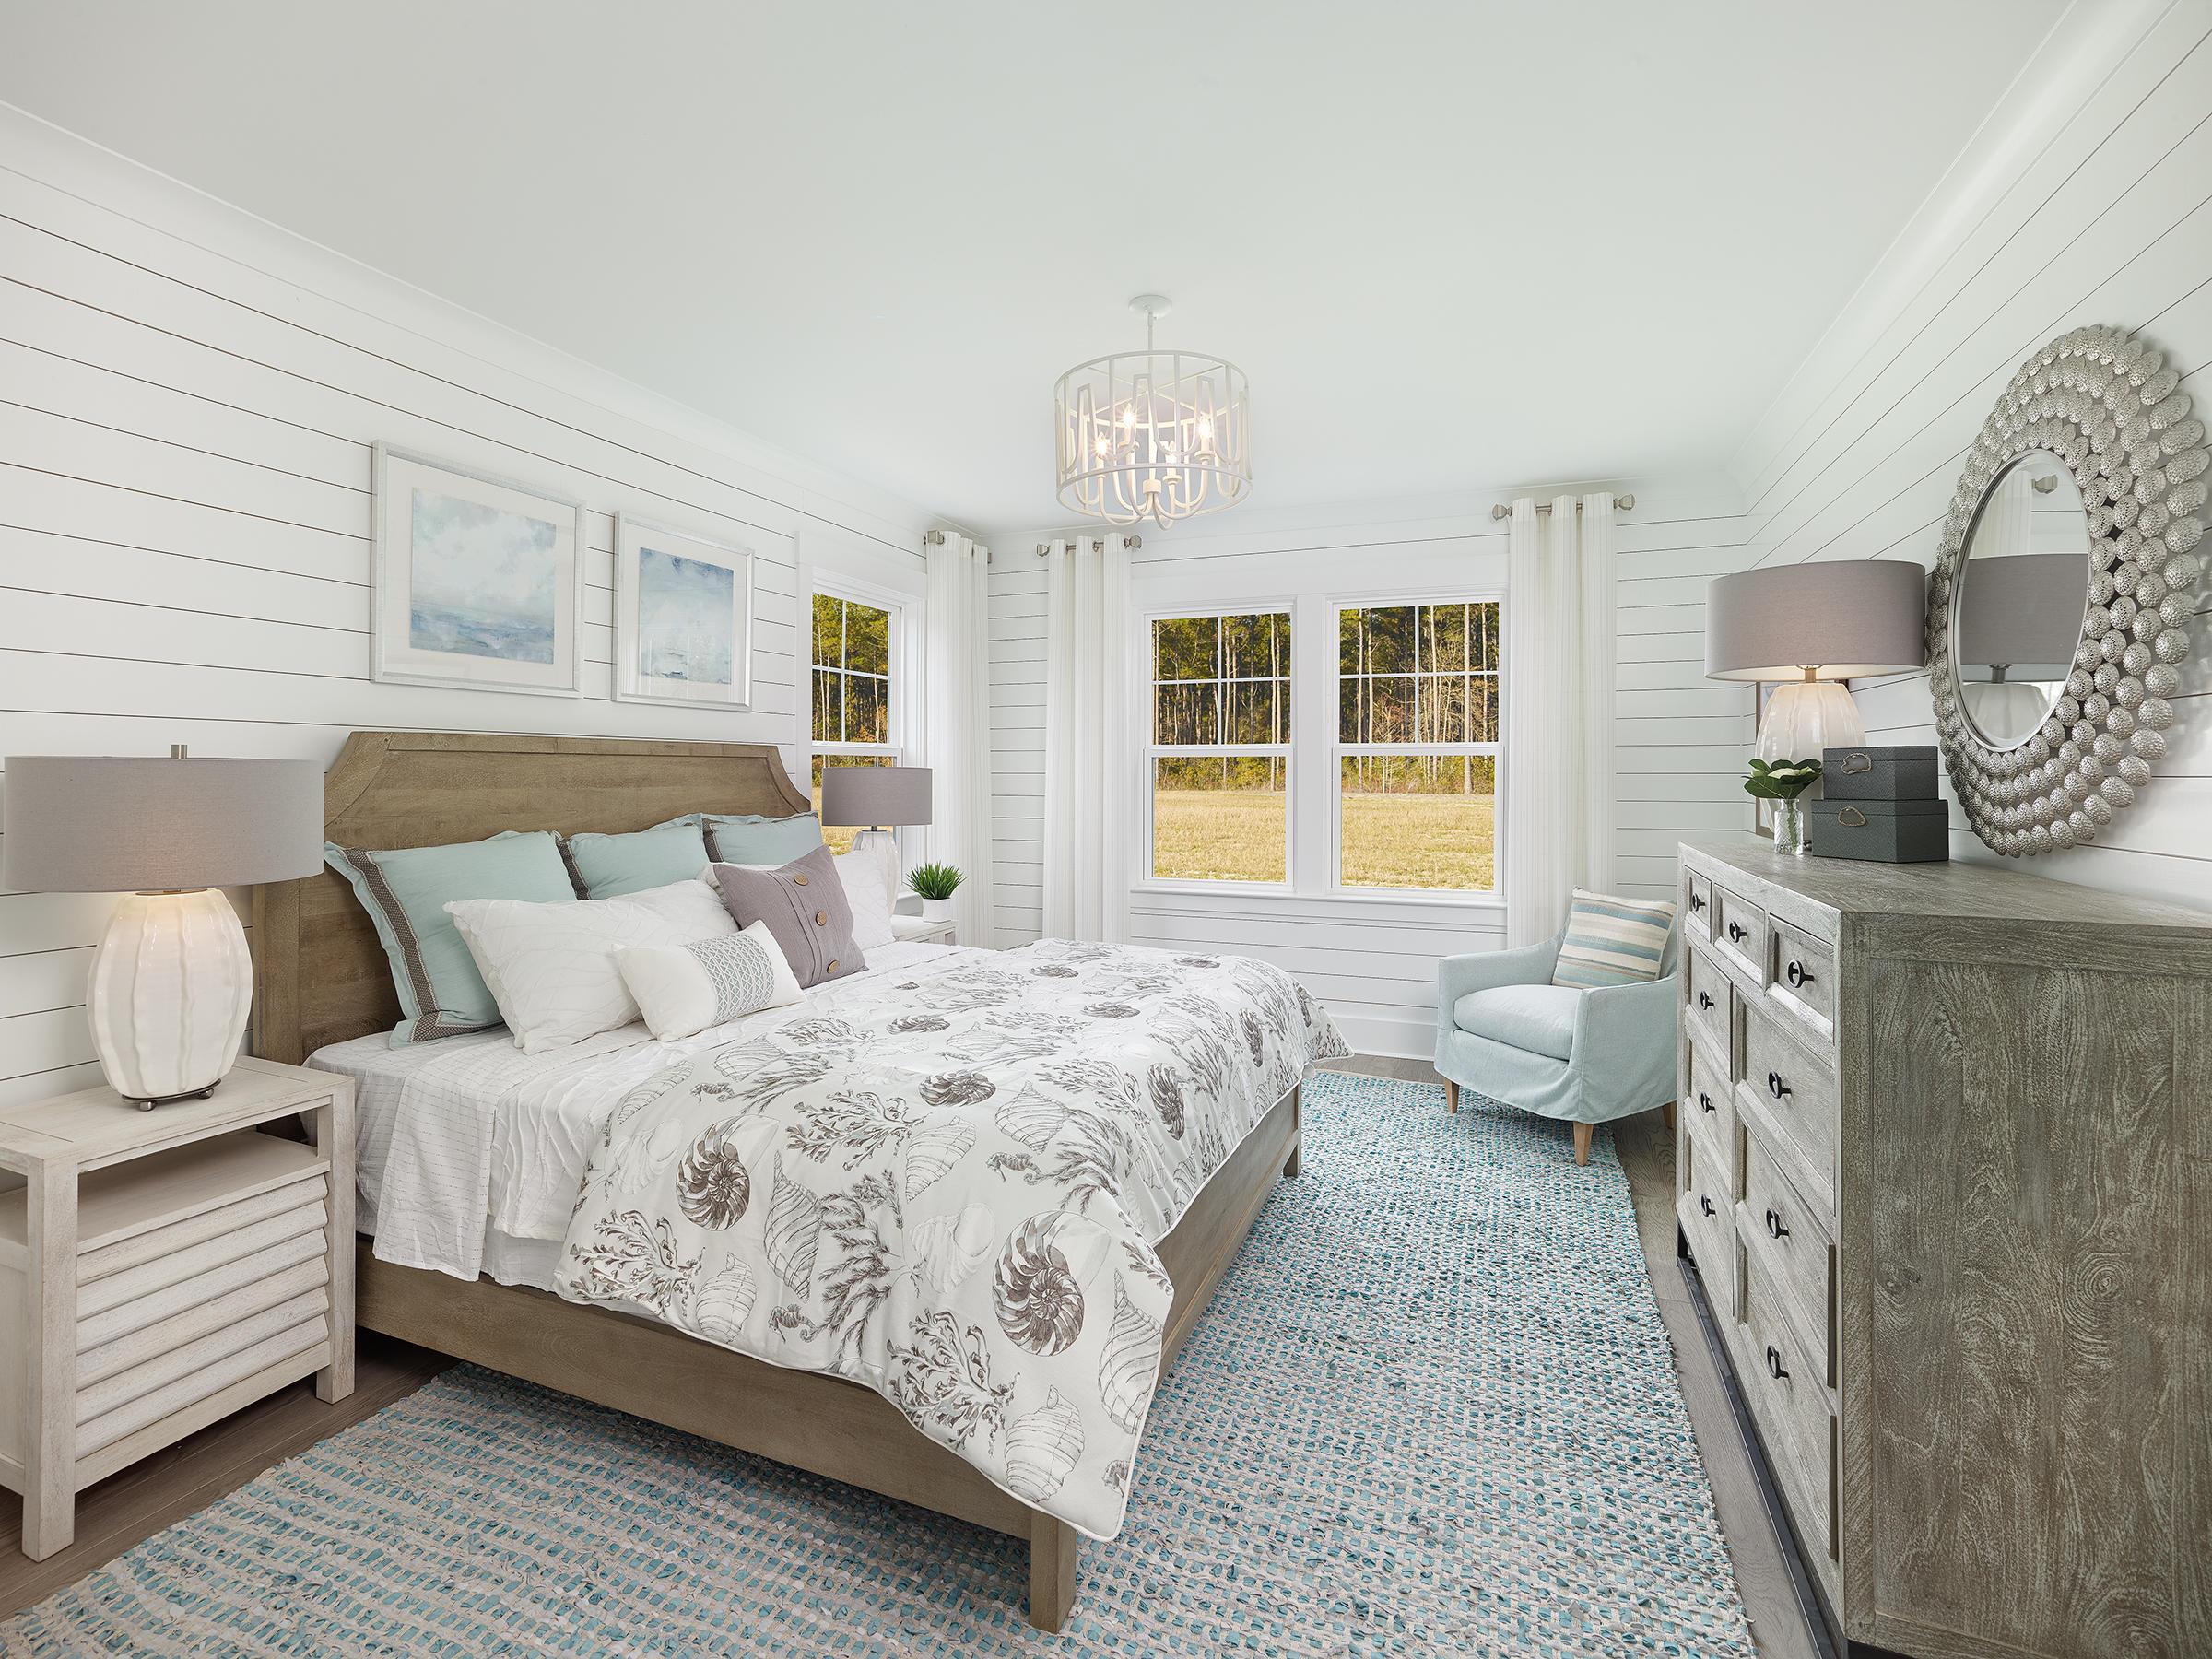 Dunes West Homes For Sale - 2890 Eddy, Mount Pleasant, SC - 9